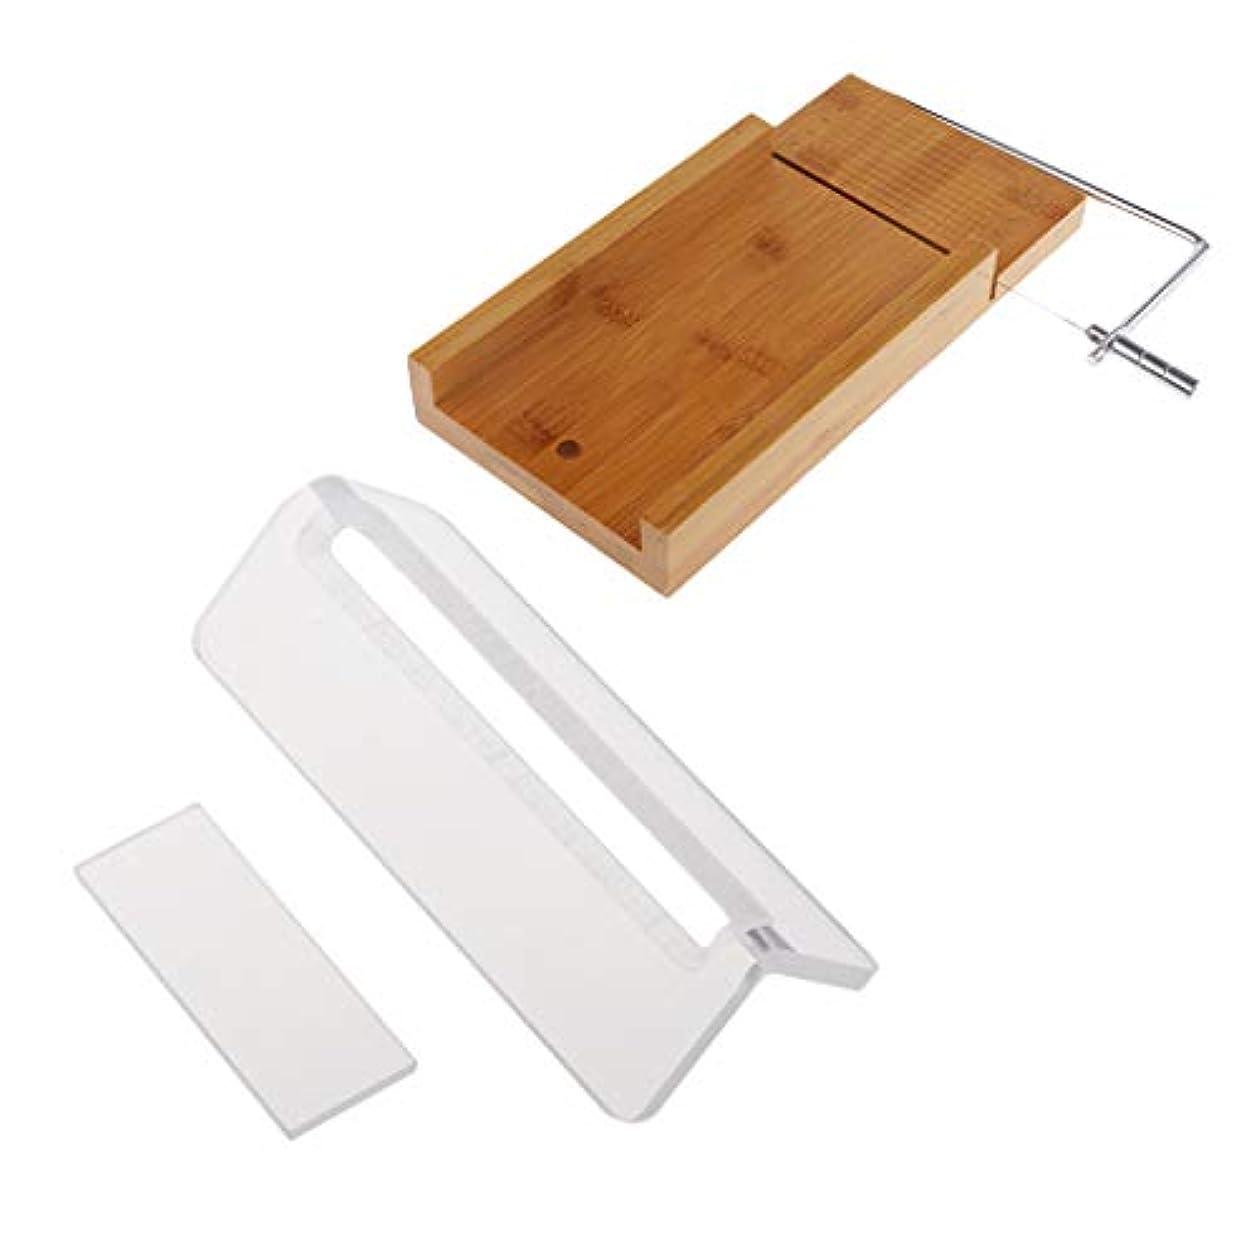 冷蔵庫気分が良いマーチャンダイザー石鹸カッター 木製 ローフカッター チーズカッター ソープカッター ステンレス鋼線 2個入り